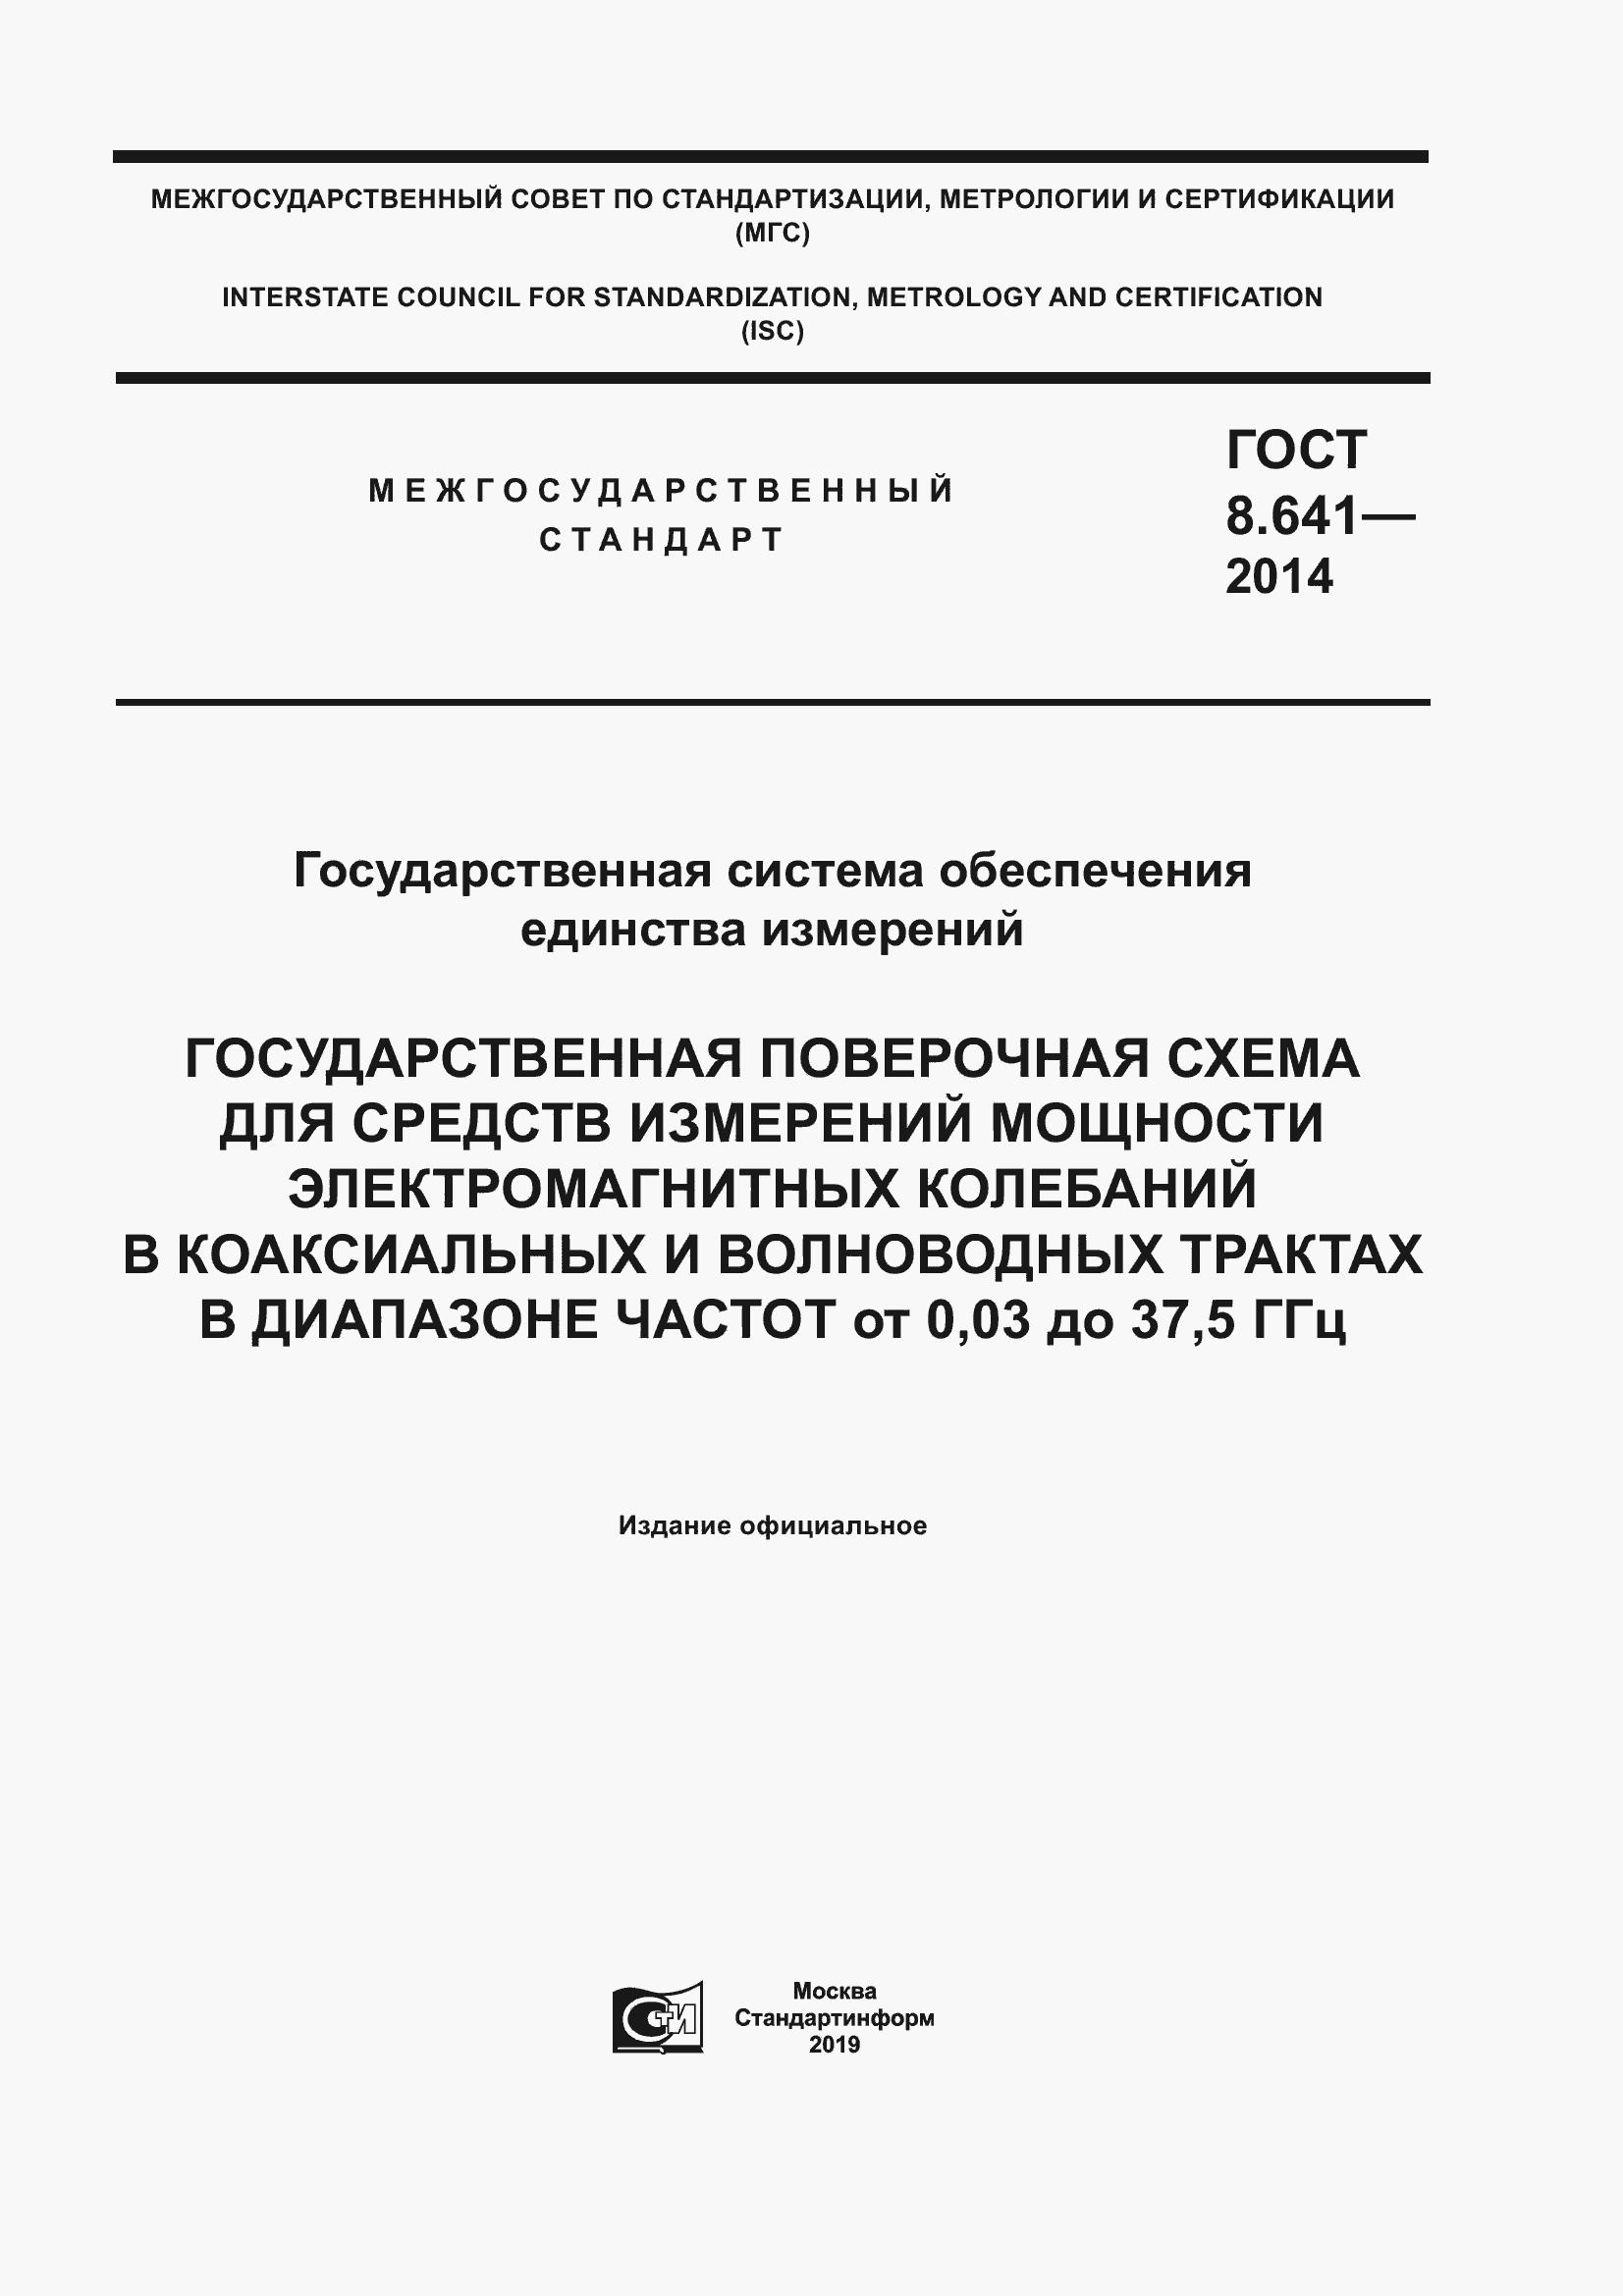 ГОСТ 8.641-2014. Страница 1